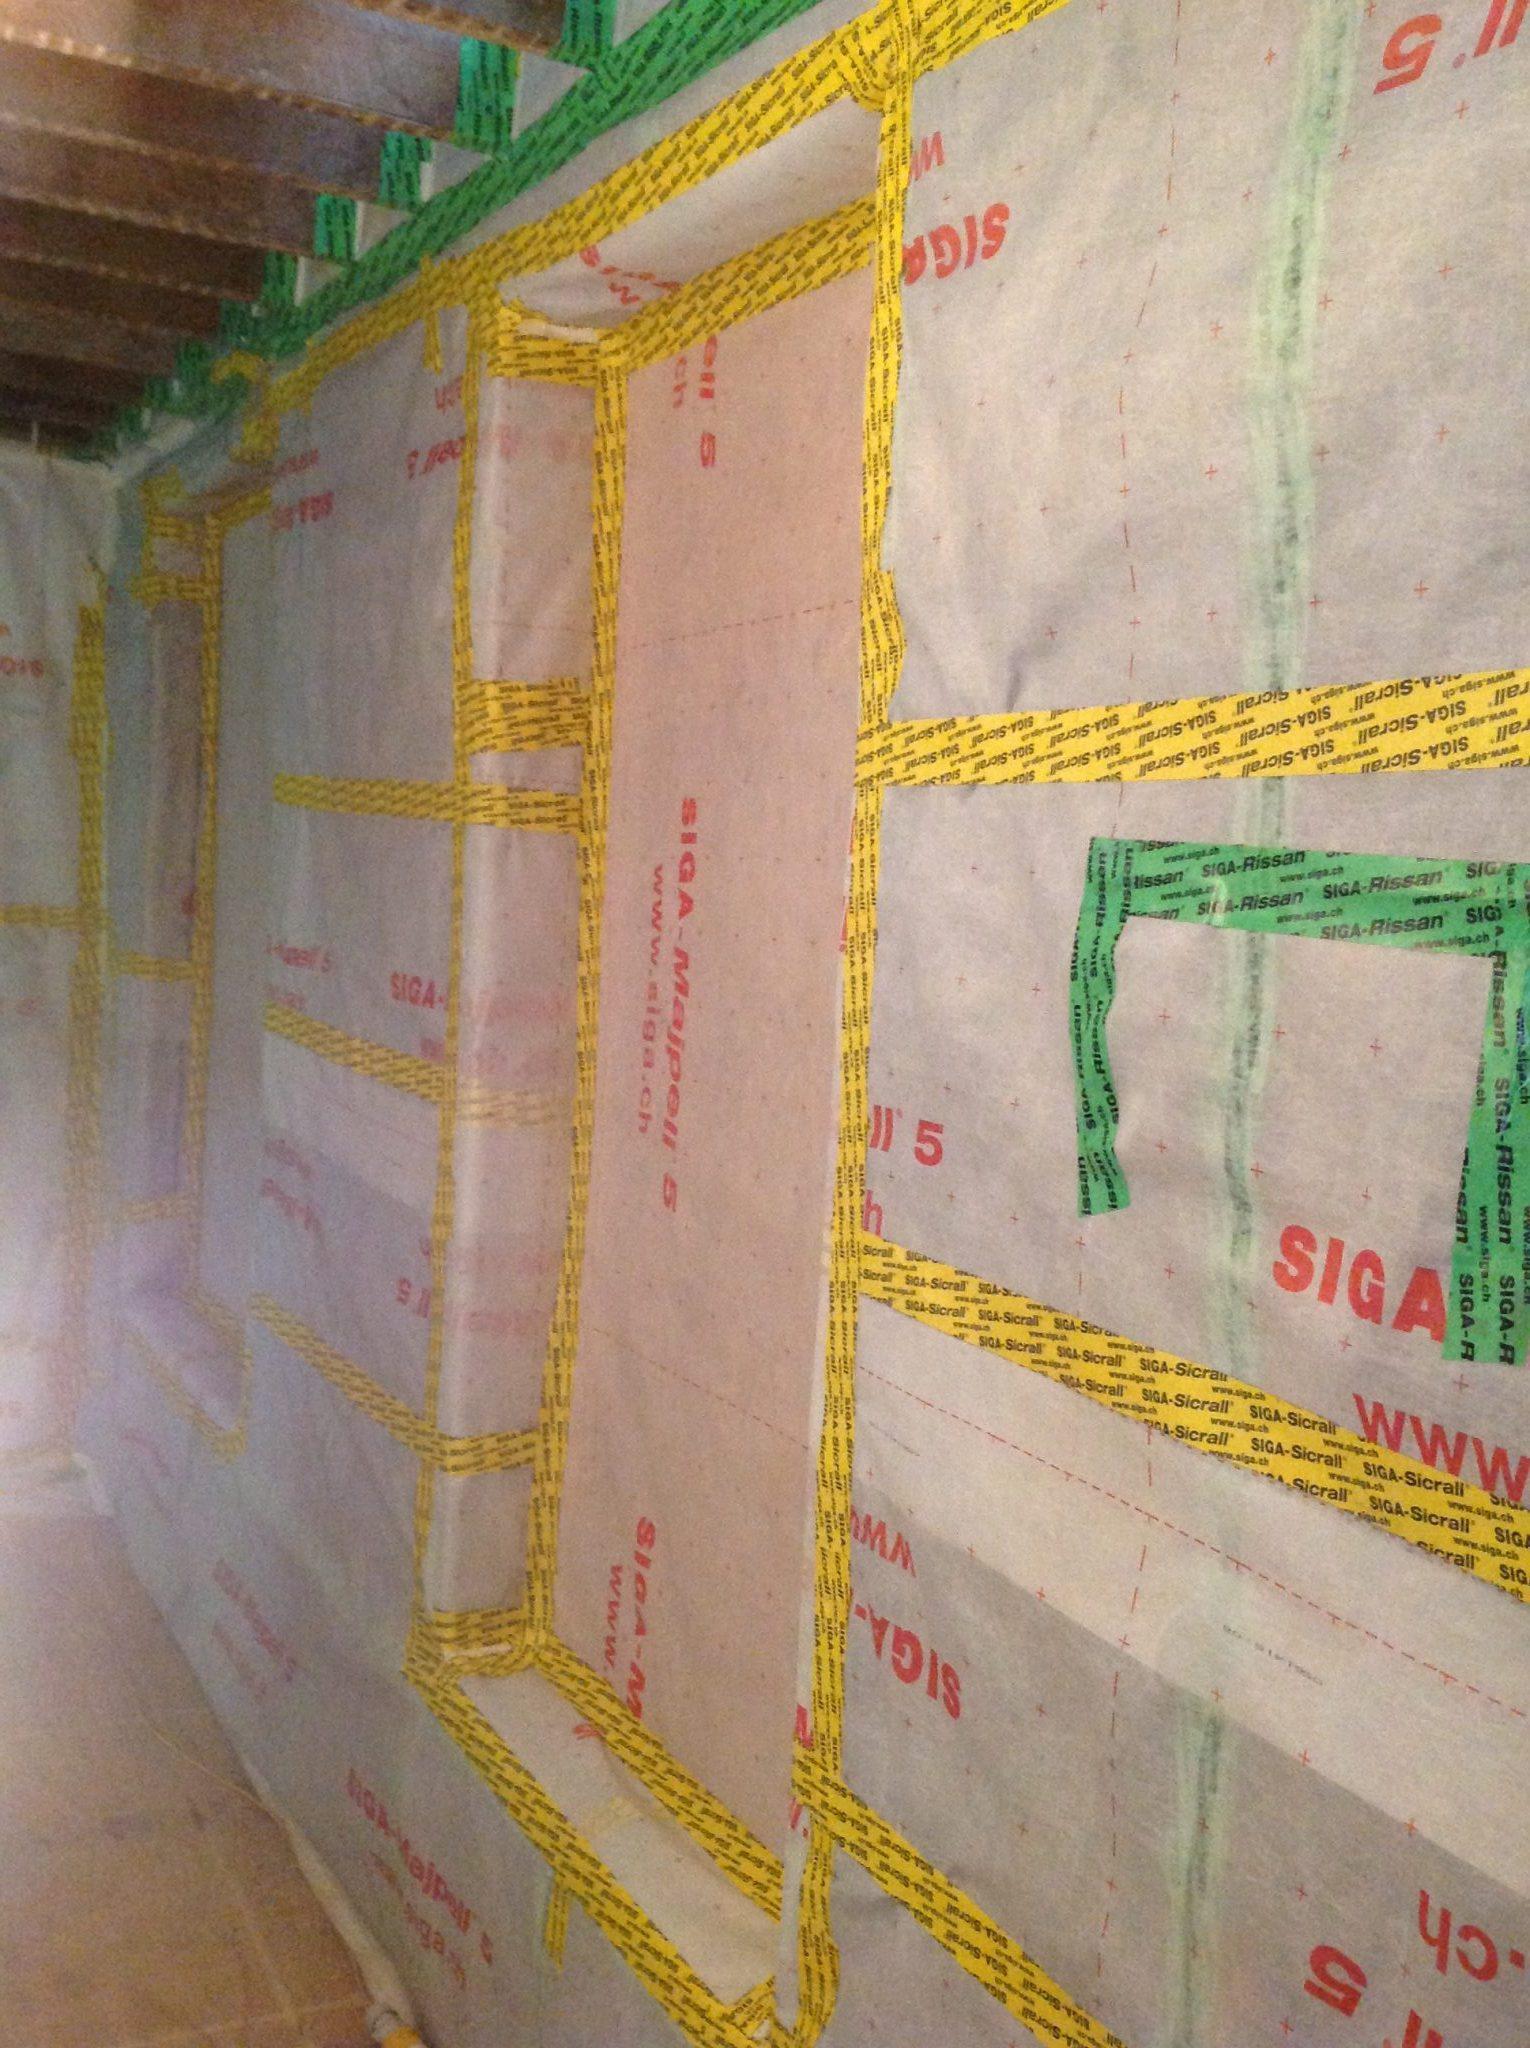 Air-tight membrane adhesive tape